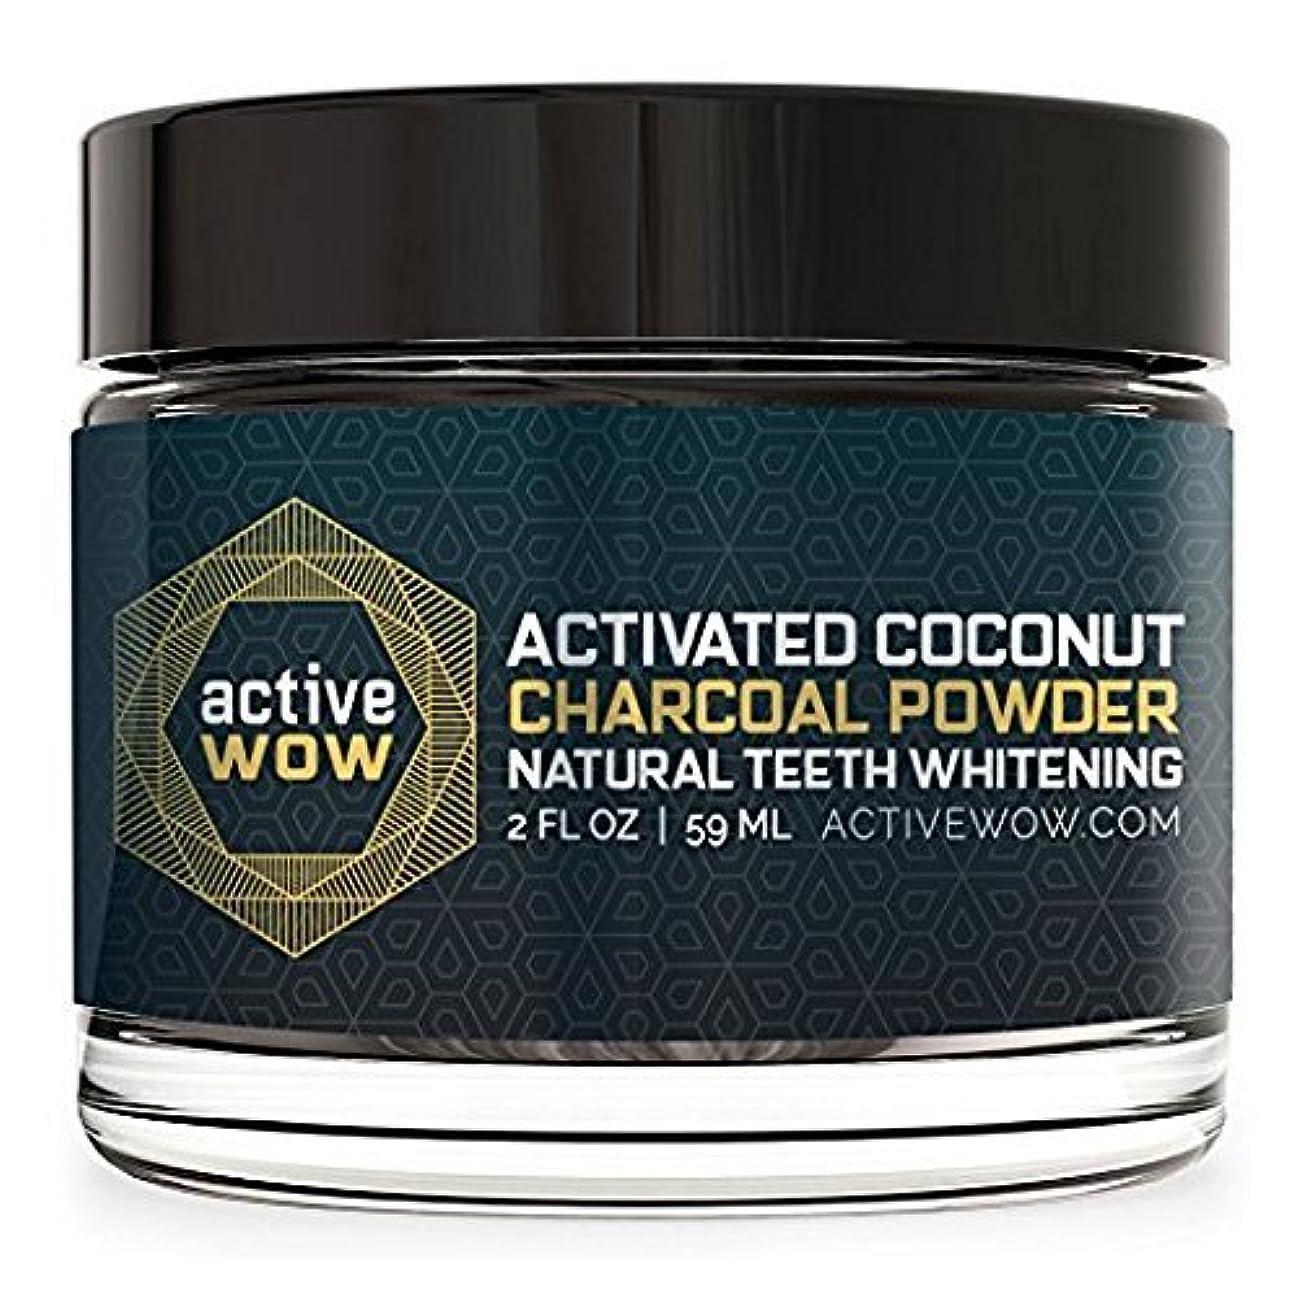 医療過誤南東早くアメリカで売れている 炭パウダー歯のホワイトニング Teeth Whitening Charcoal Powder Natural [並行輸入品]